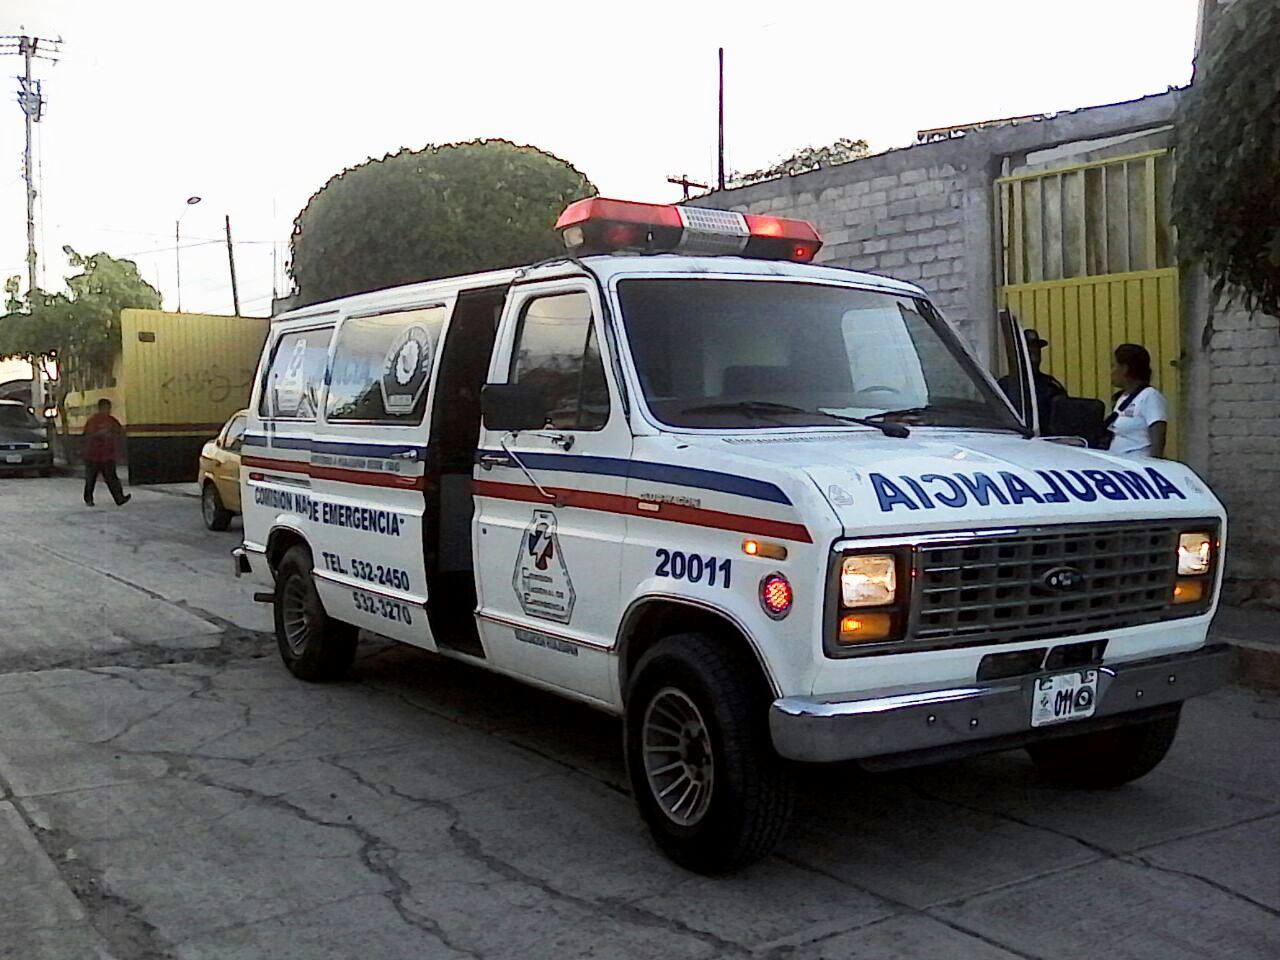 Se corta la mano  al abrir un portón en la colonia Morelos de Huajuapan, Oaxaca | El Imparcial de Oaxaca